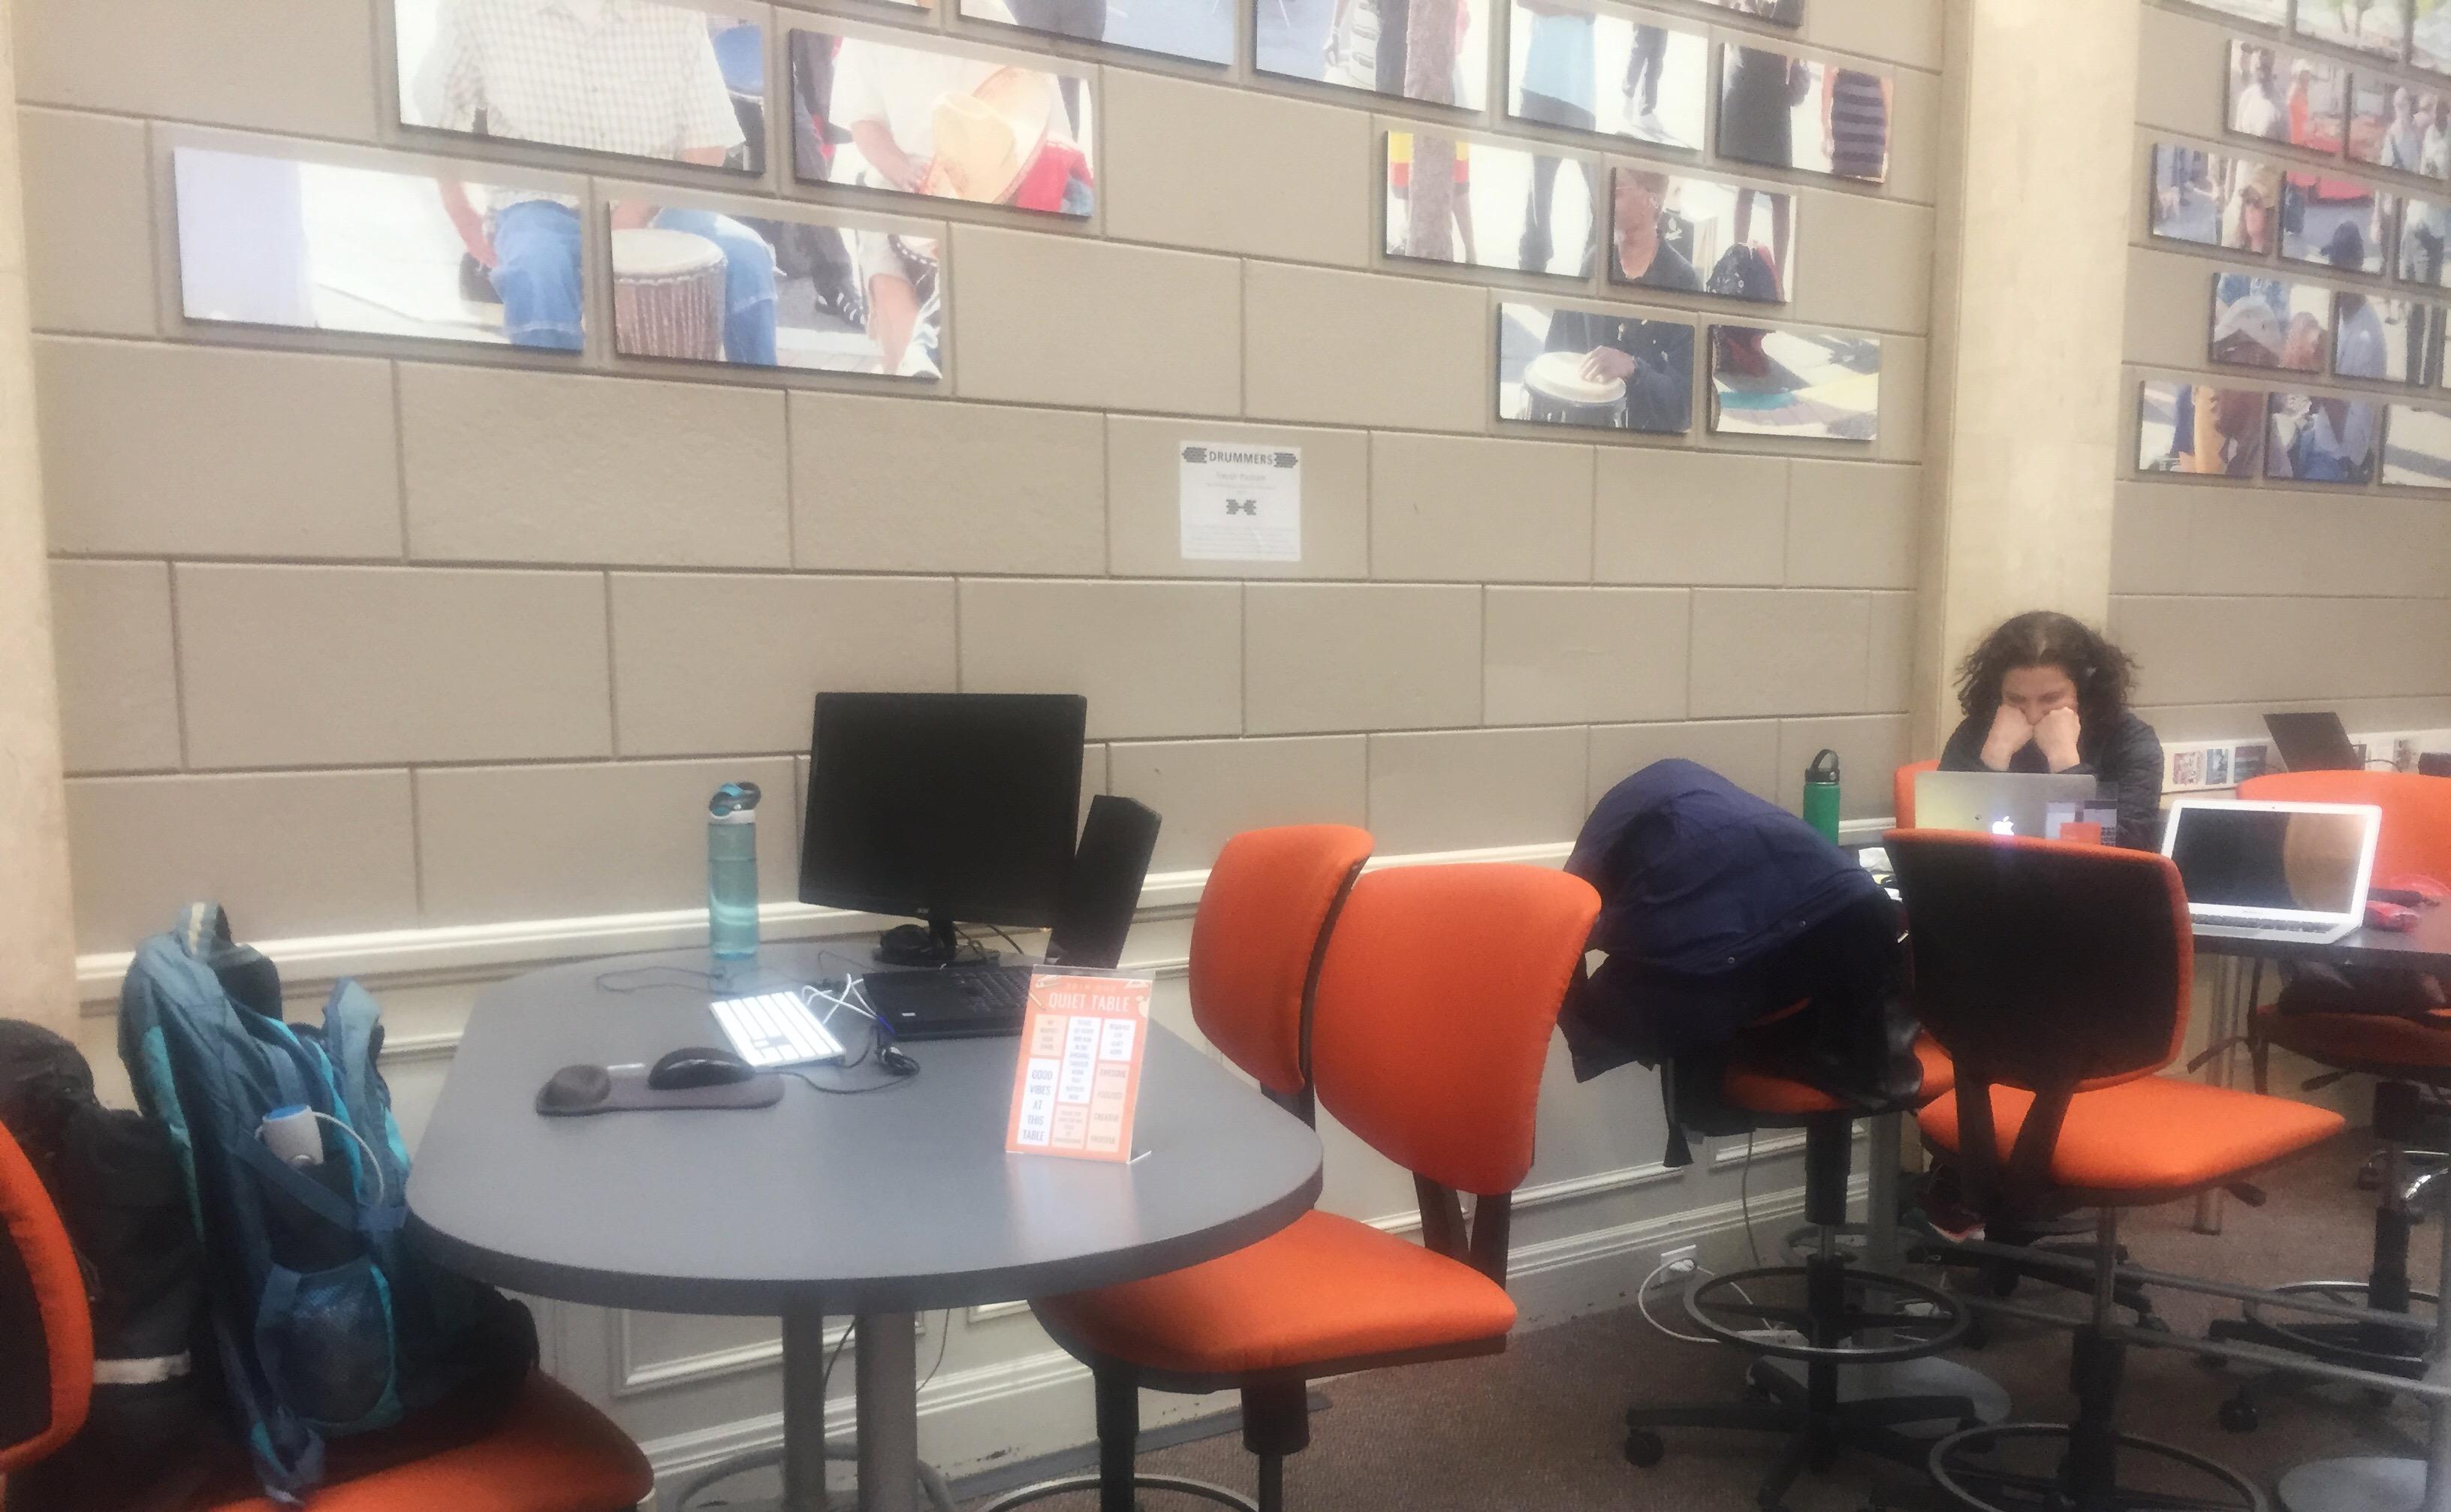 Quiet Zones in Coworking Spaces | NextSpace Coworking Berkeley